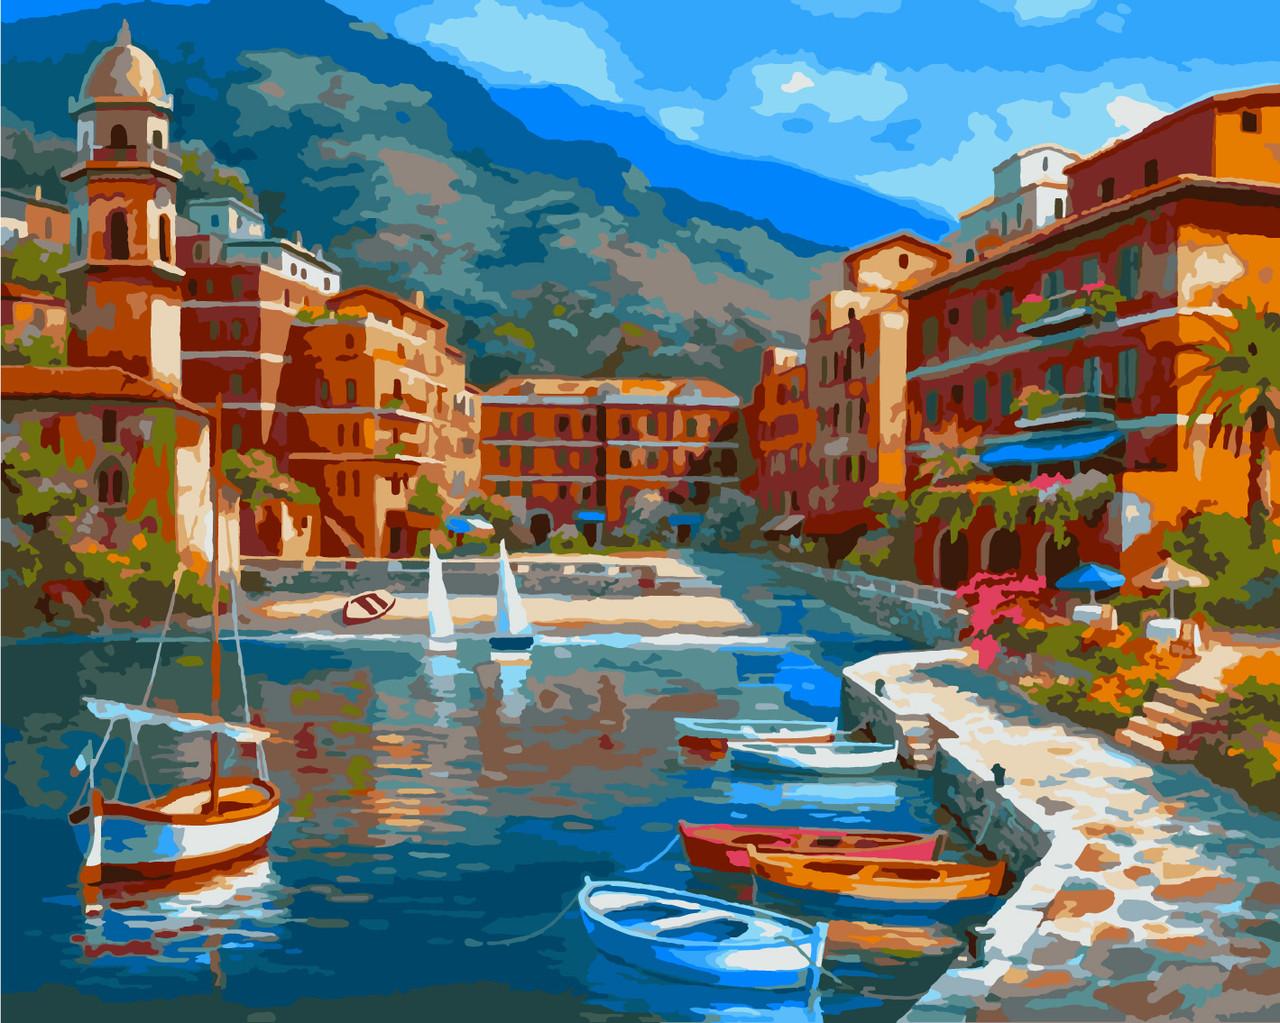 Картина рисование по номерам Идейка Лодочный причал KH2135 40х50 см Море, морской пейзаж, корабли набор для